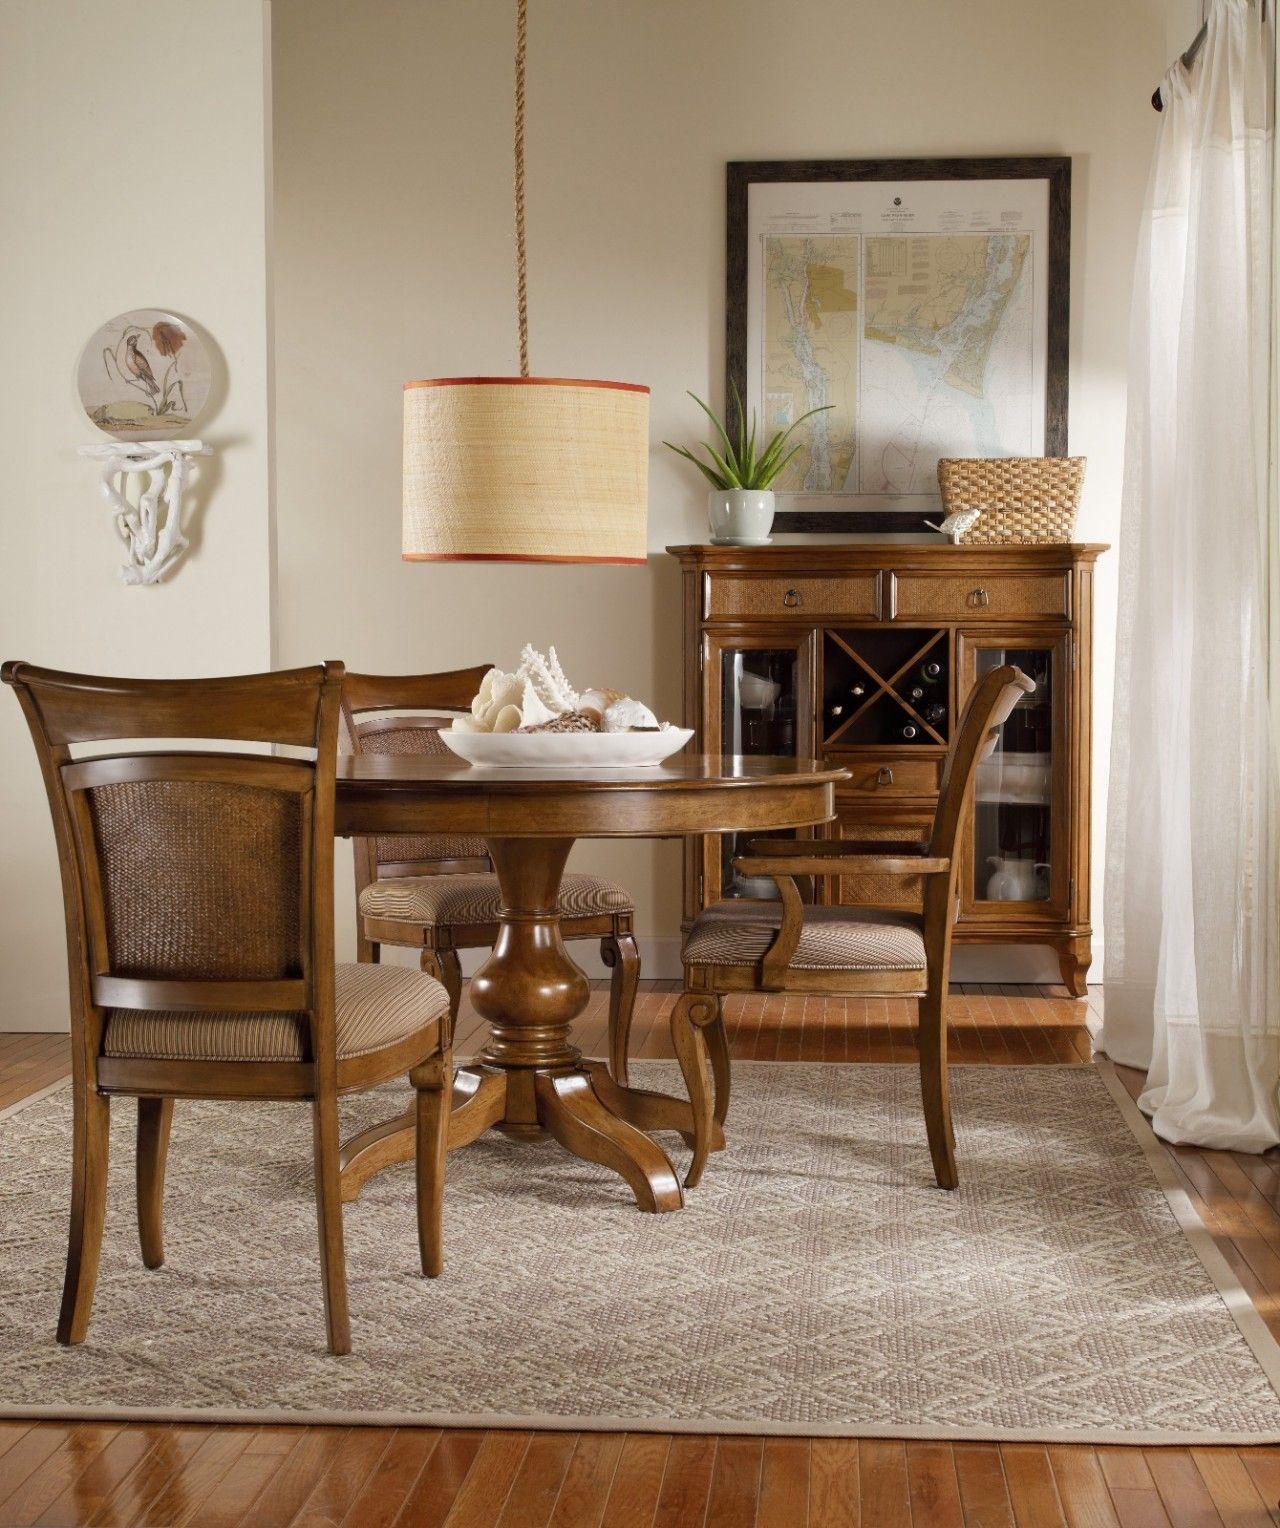 Hooker furniture windward round pedestal dining set sale ends mar 11